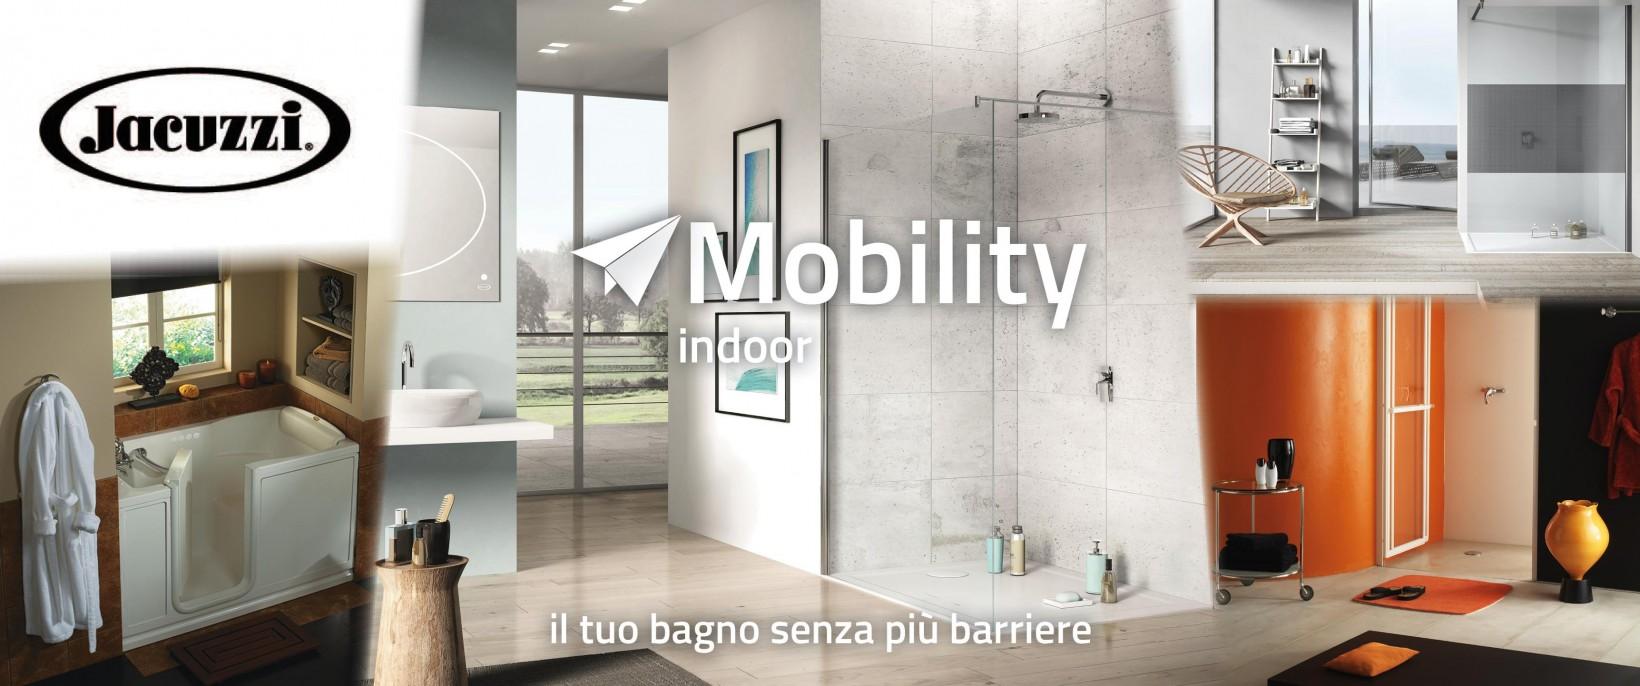 mobility-indoor-jacuzzi